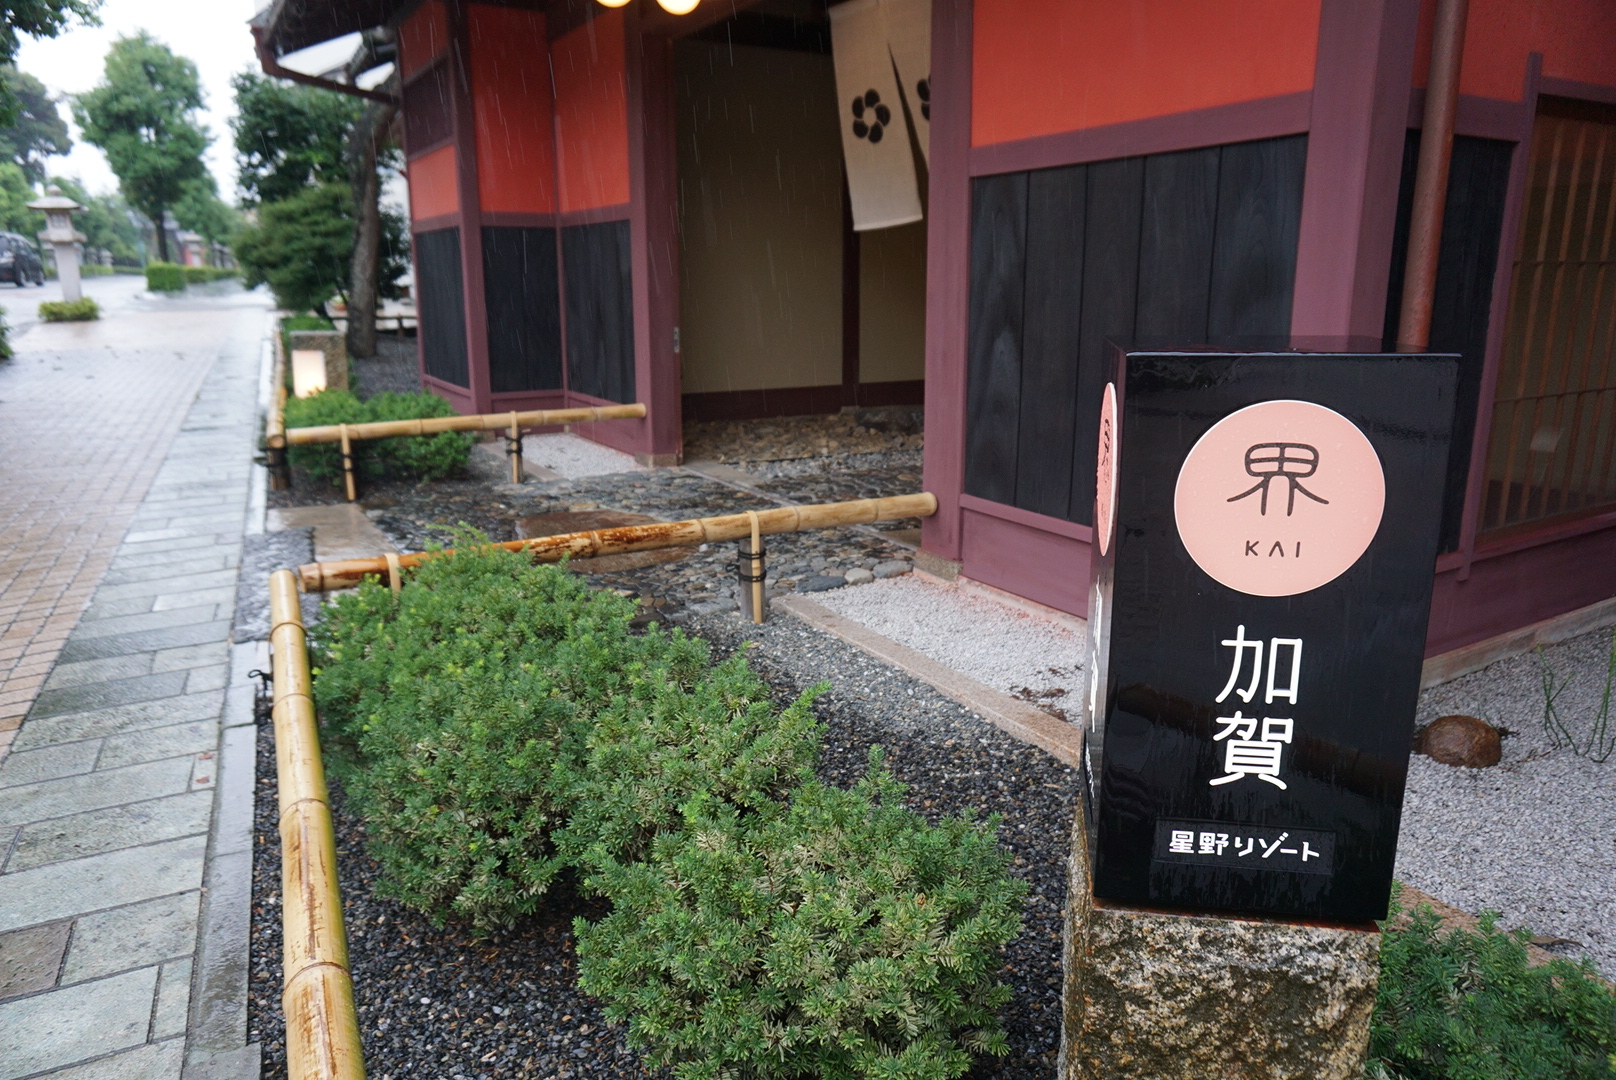 軽井沢、加賀、川治へ女子旅。『星野リゾート』の宿泊レポがTOP3を独占【今週のモアハピ部人気ランキング】_3_2